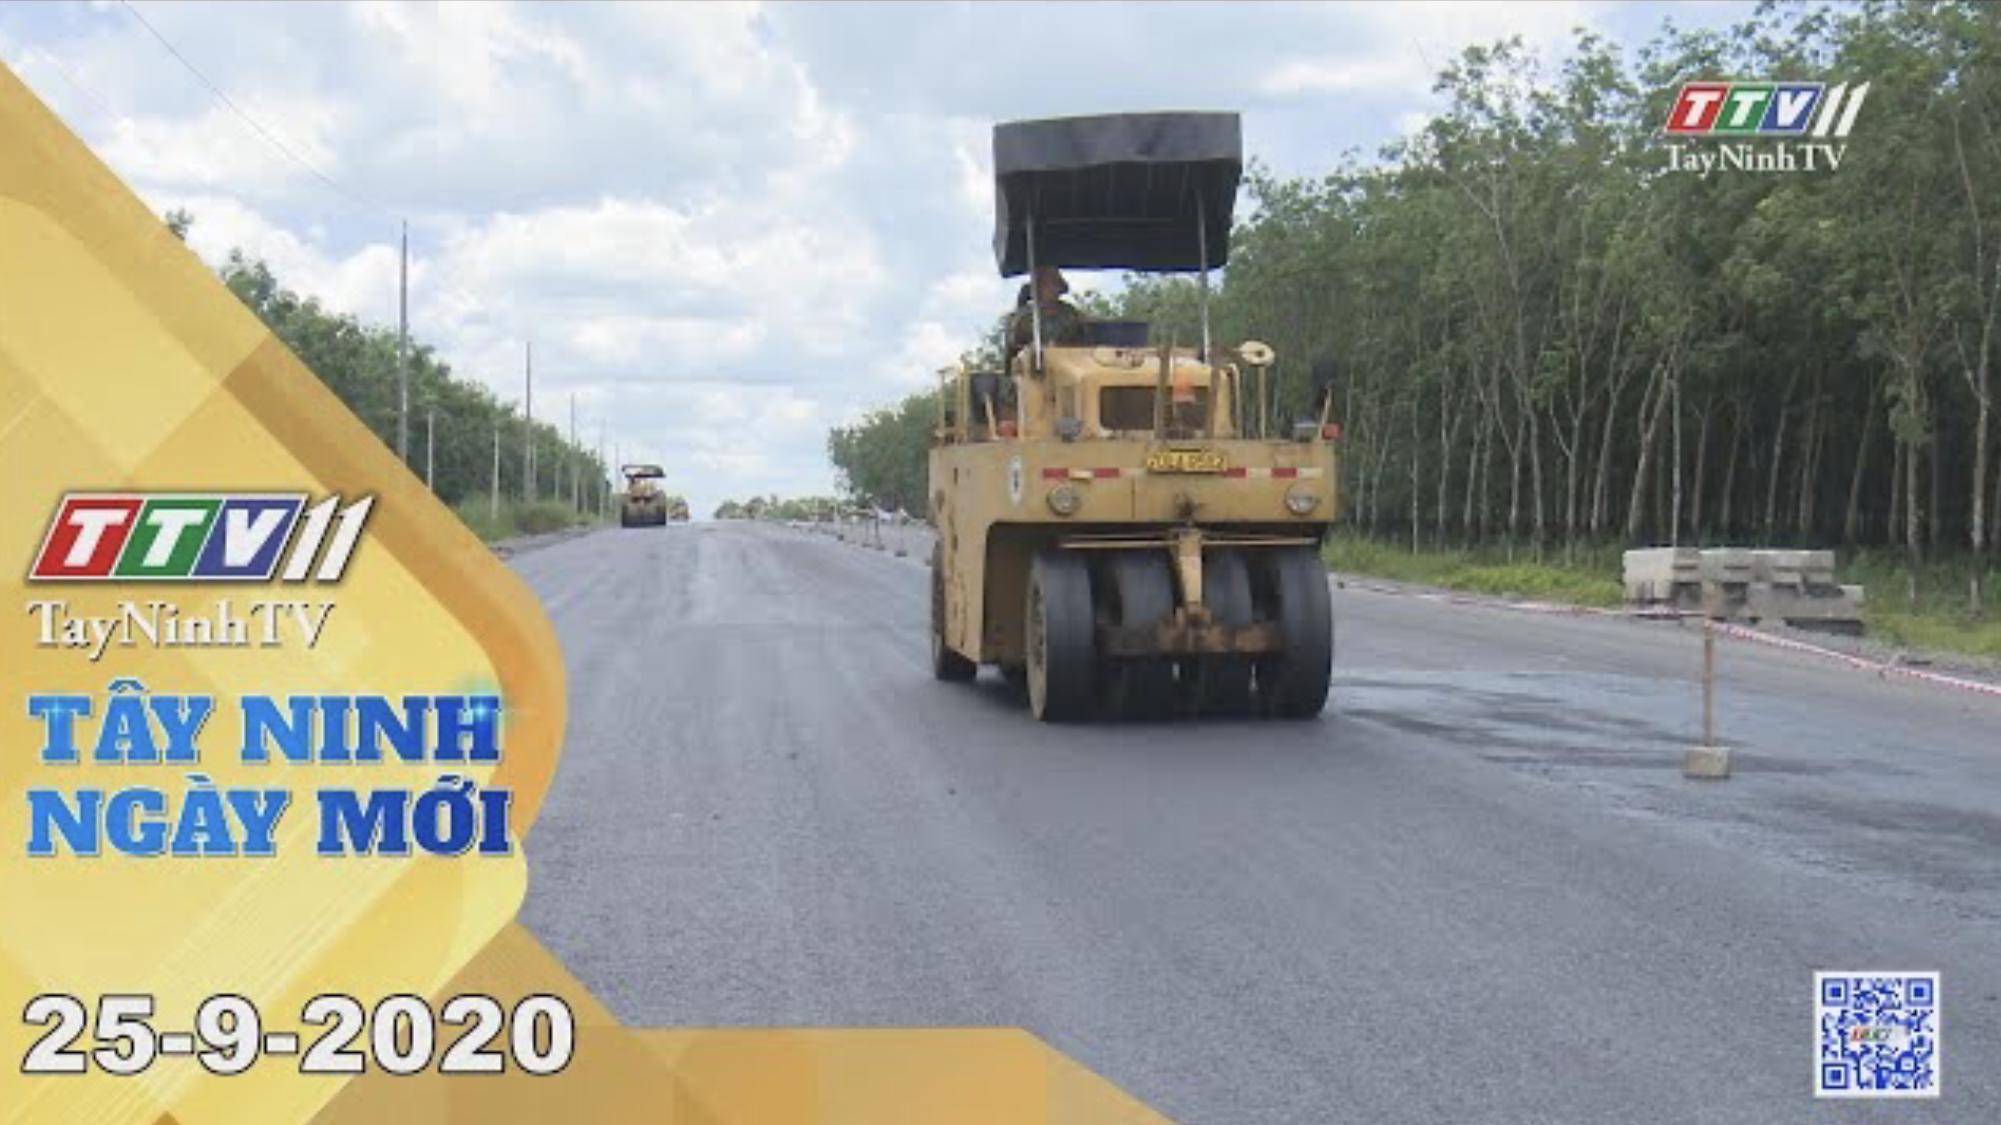 Tây Ninh Ngày Mới 25-9-2020 | Tin tức hôm nay | TayNinhTV